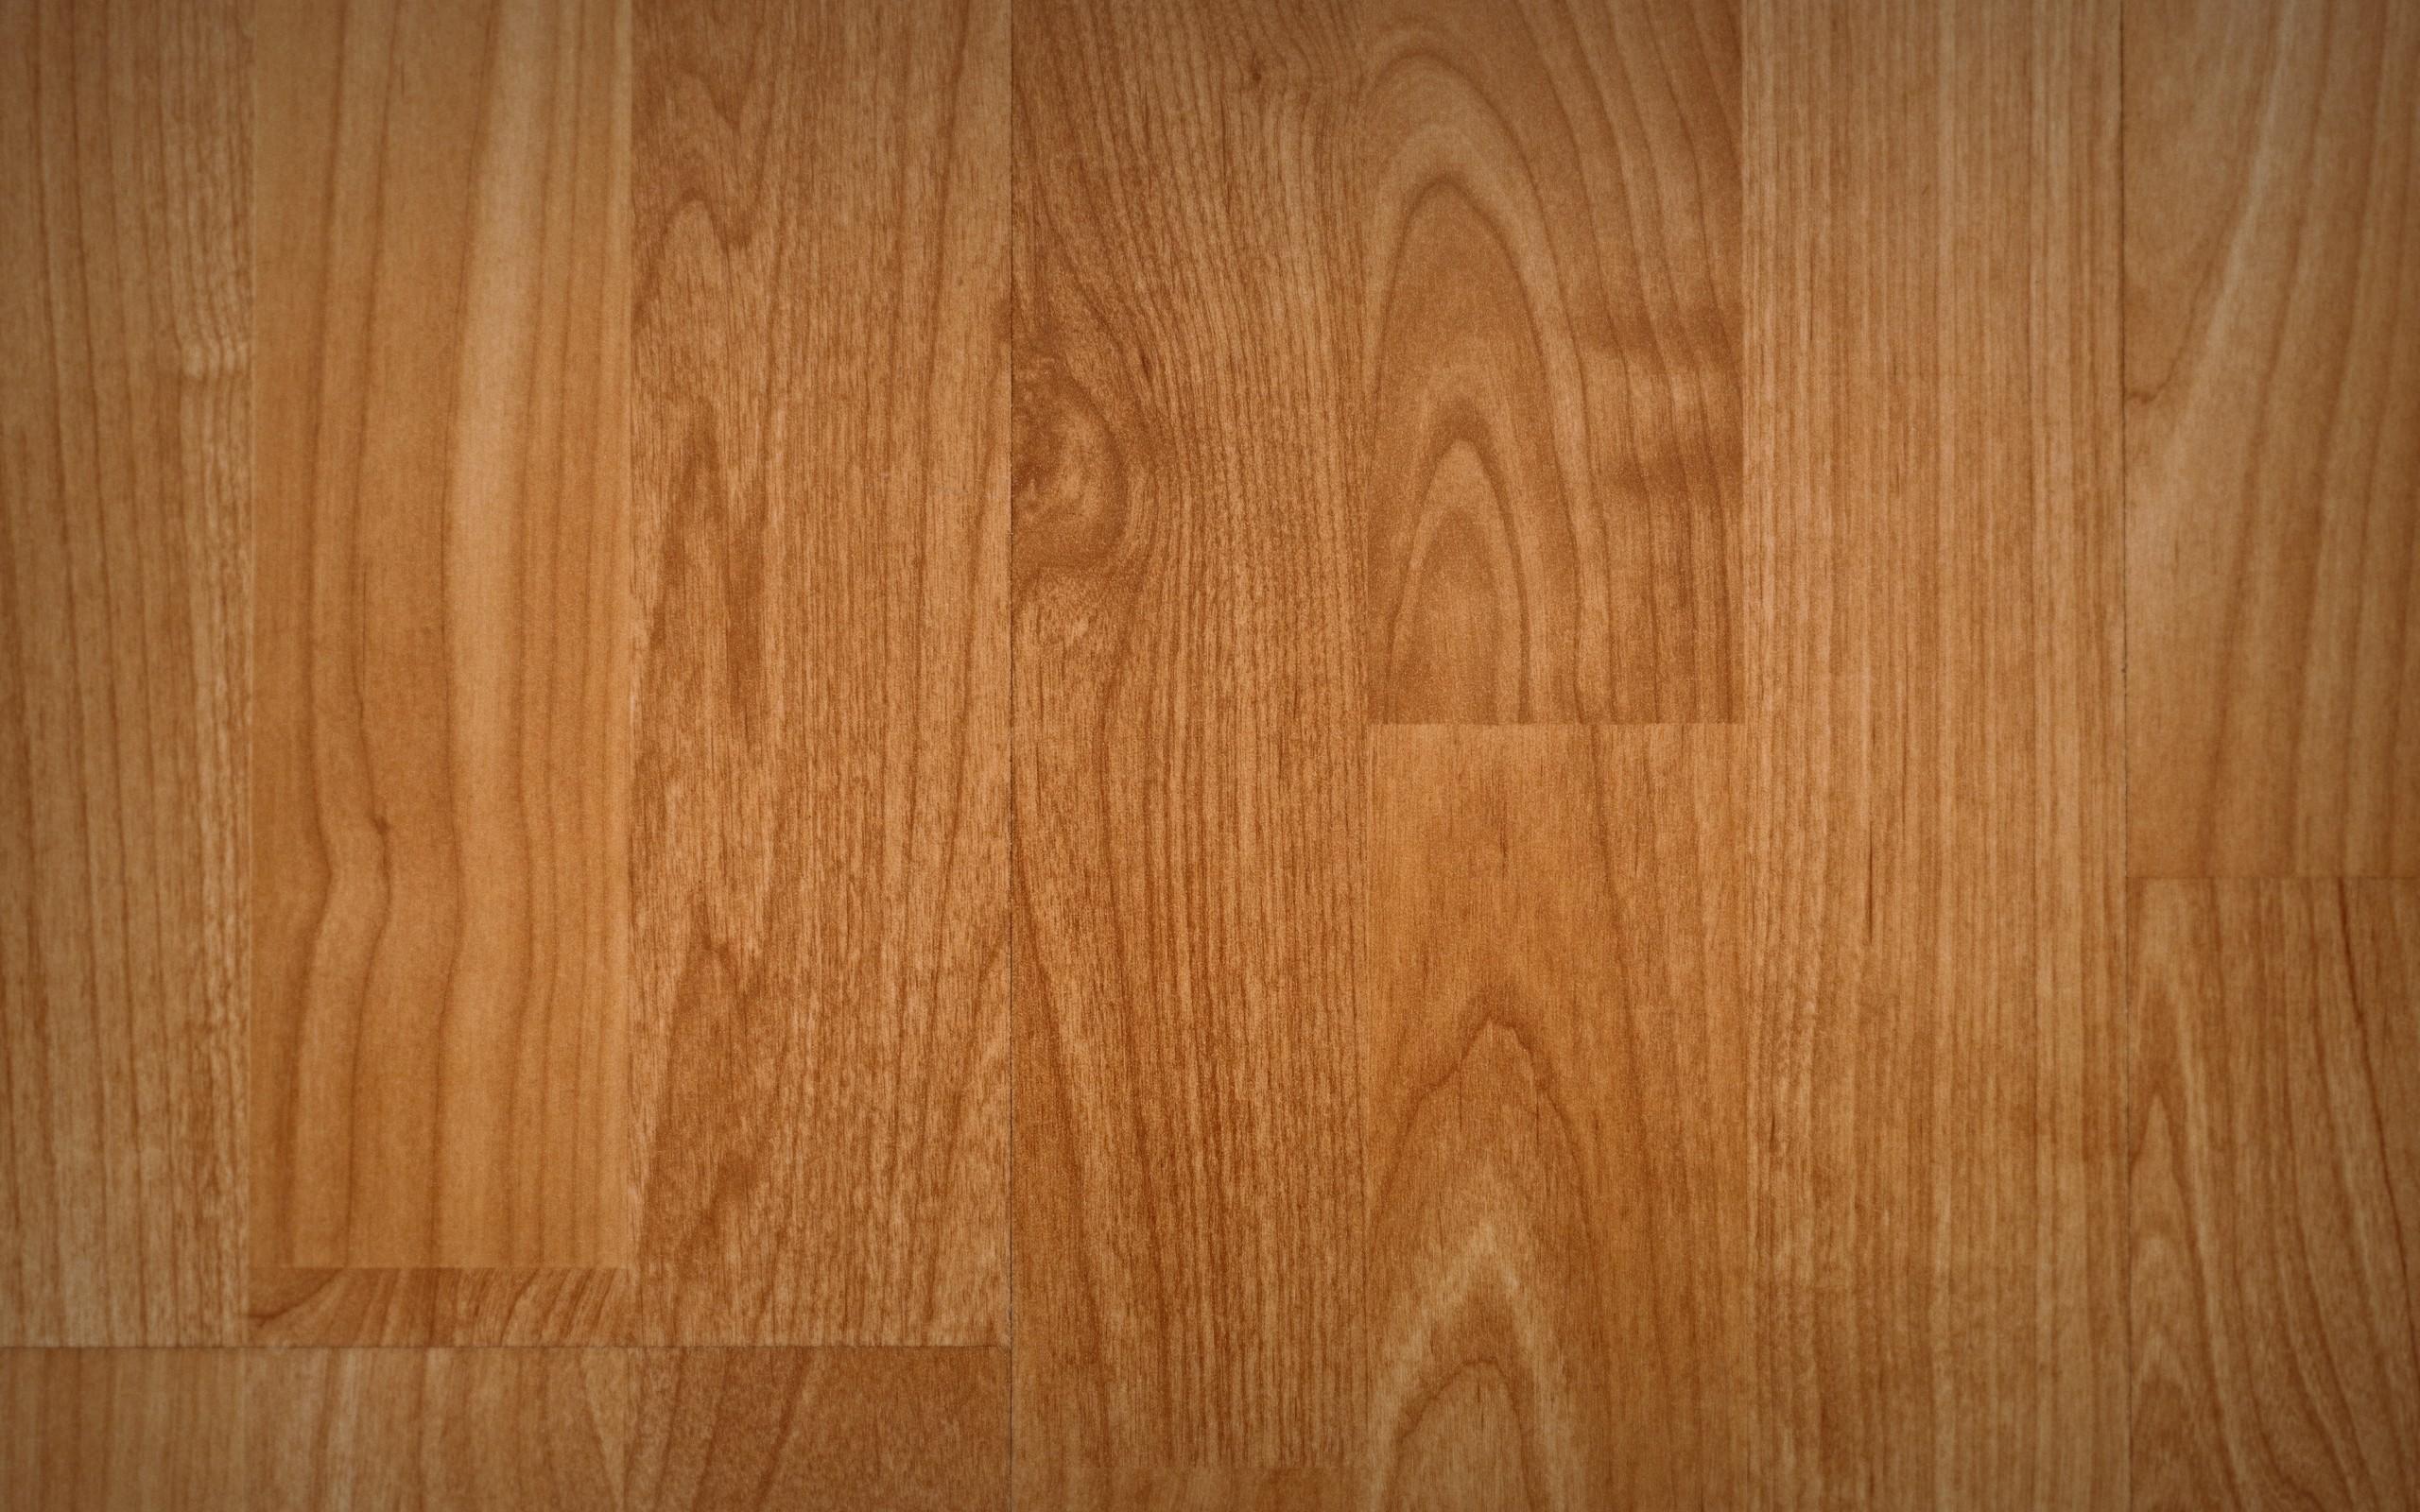 Fondos de madera fondos de pantalla - Textura pared ...